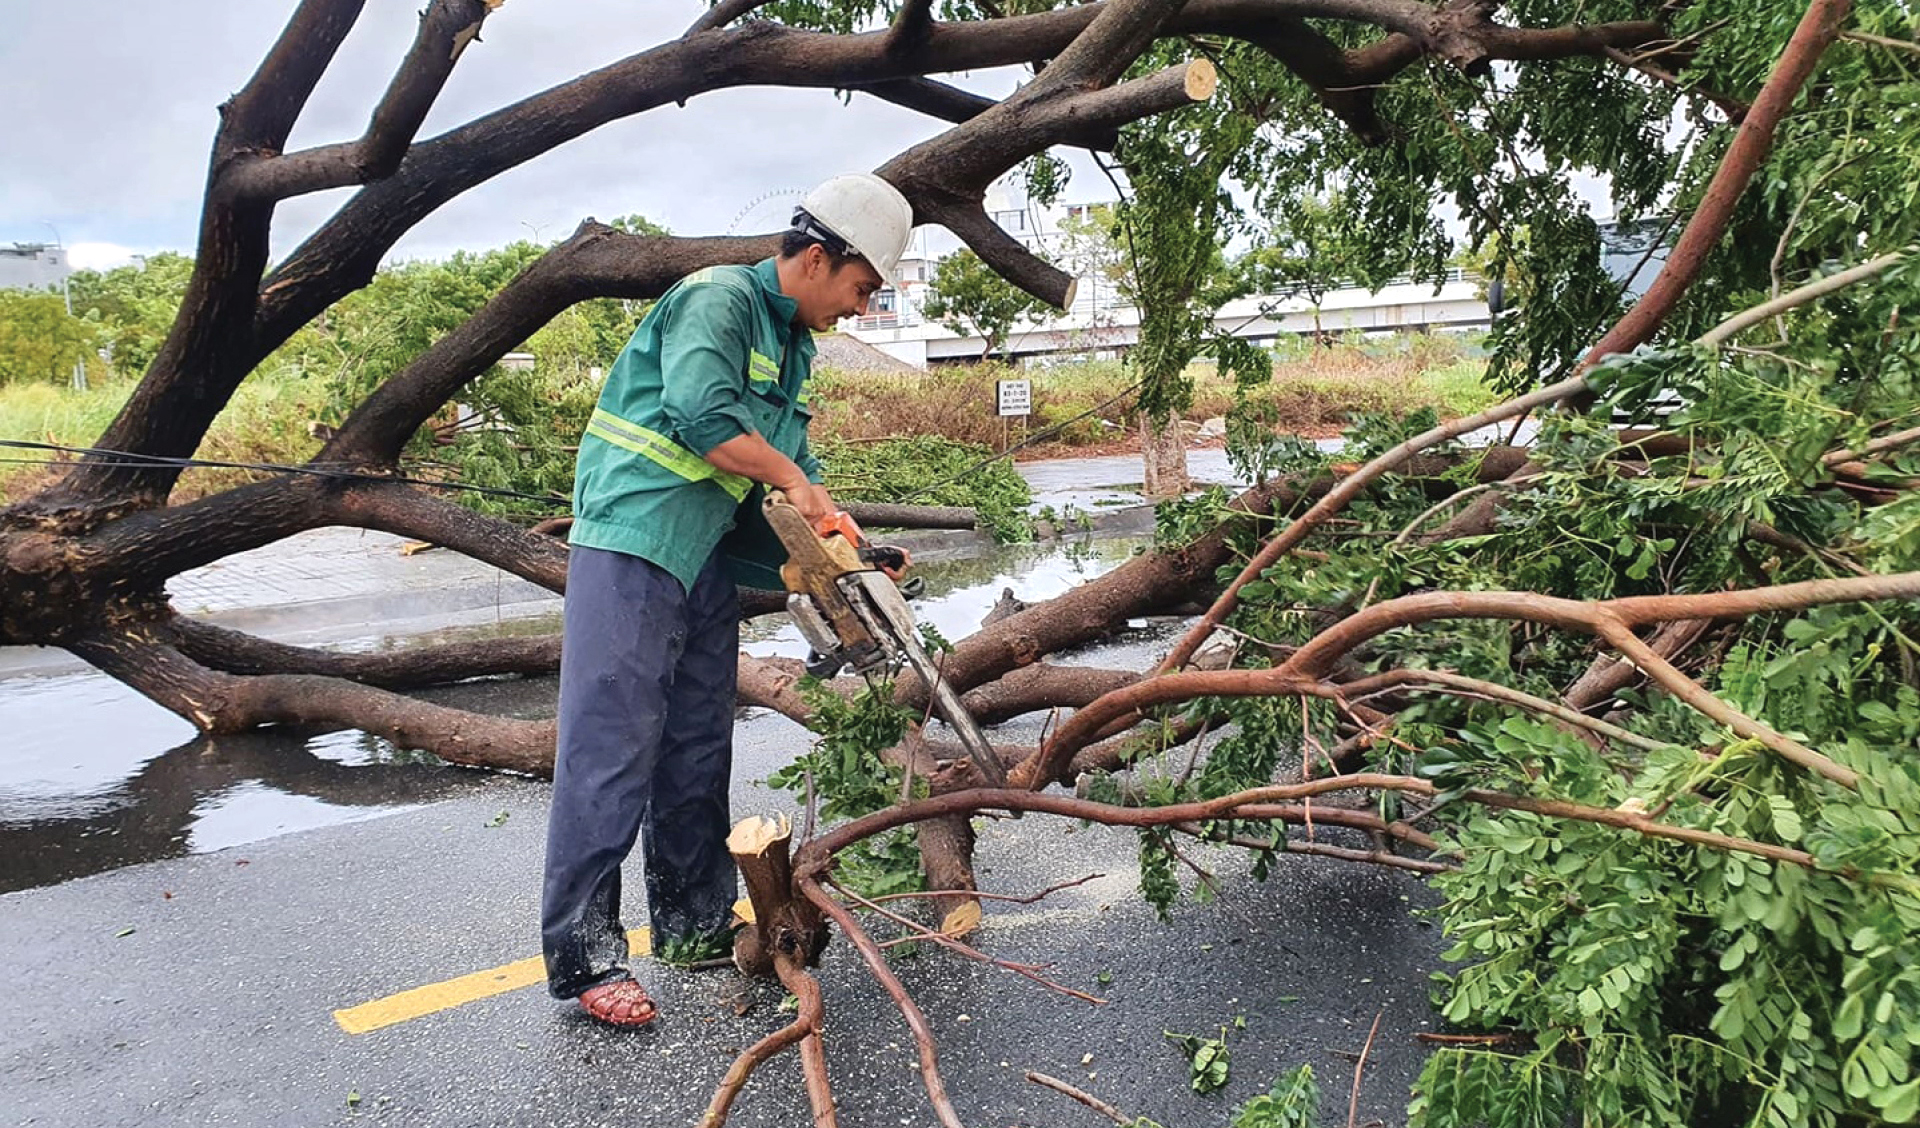 Bão số 5 đổ bộ miền Trung gây lốc xoáy, mưa lớn và ngập úng ảnh 16